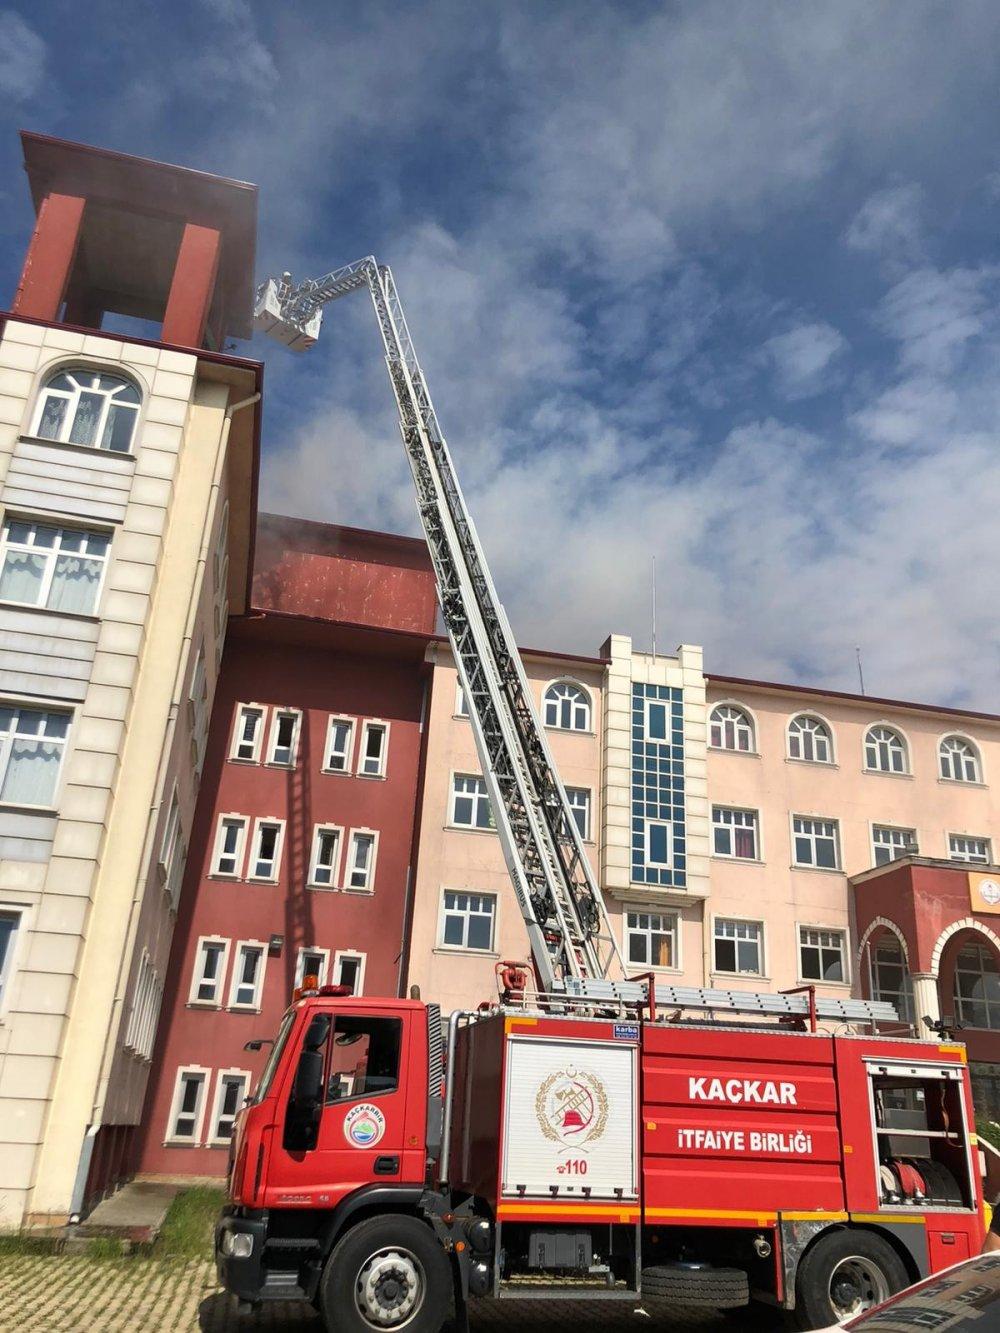 Rize'de tadilat yapılan okulun çatısında yangın